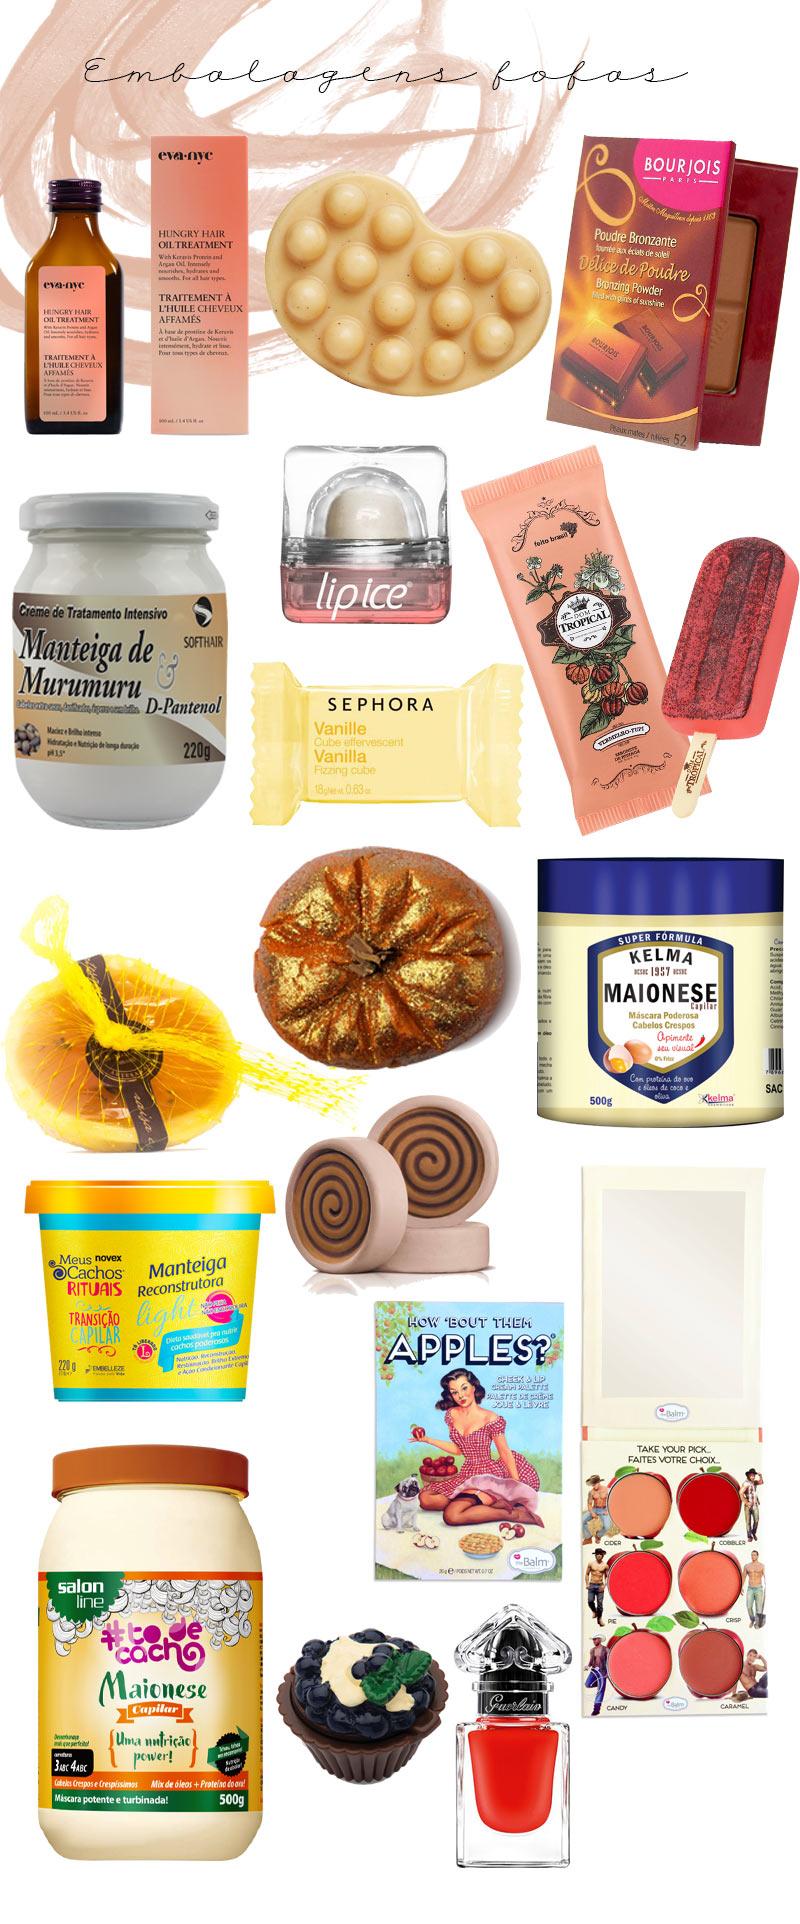 produtos-de-beleza-com-embalagens-fofas